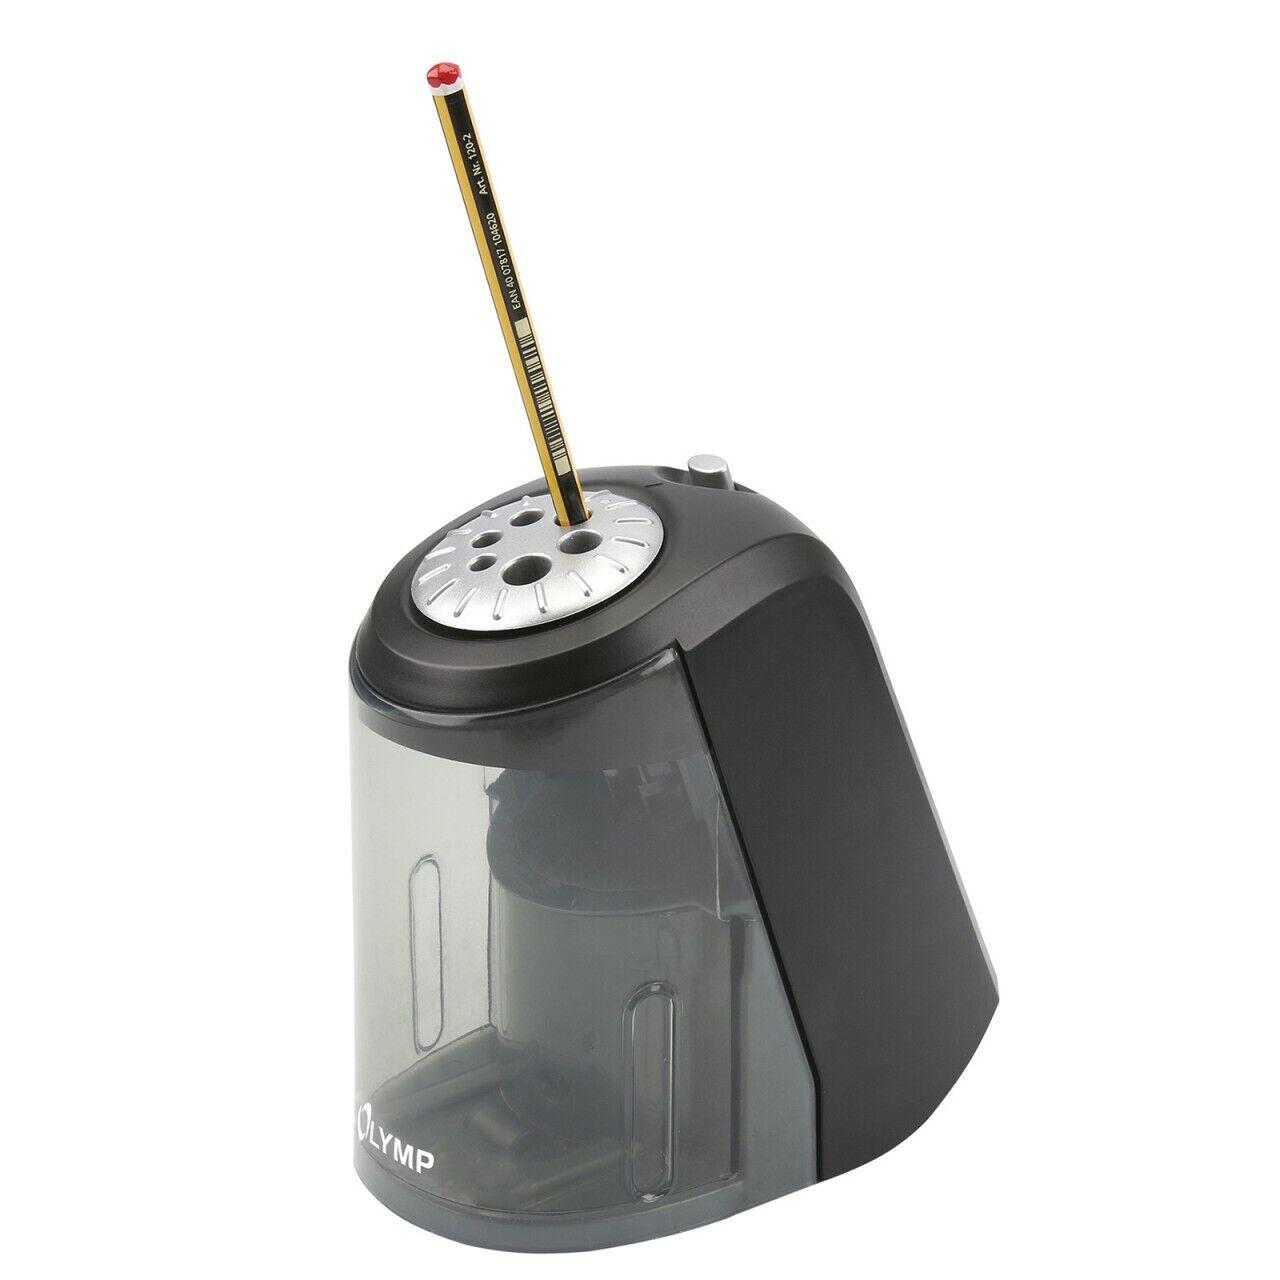 Elektrischer Bleistiftanspitzer OLYMP AS 607